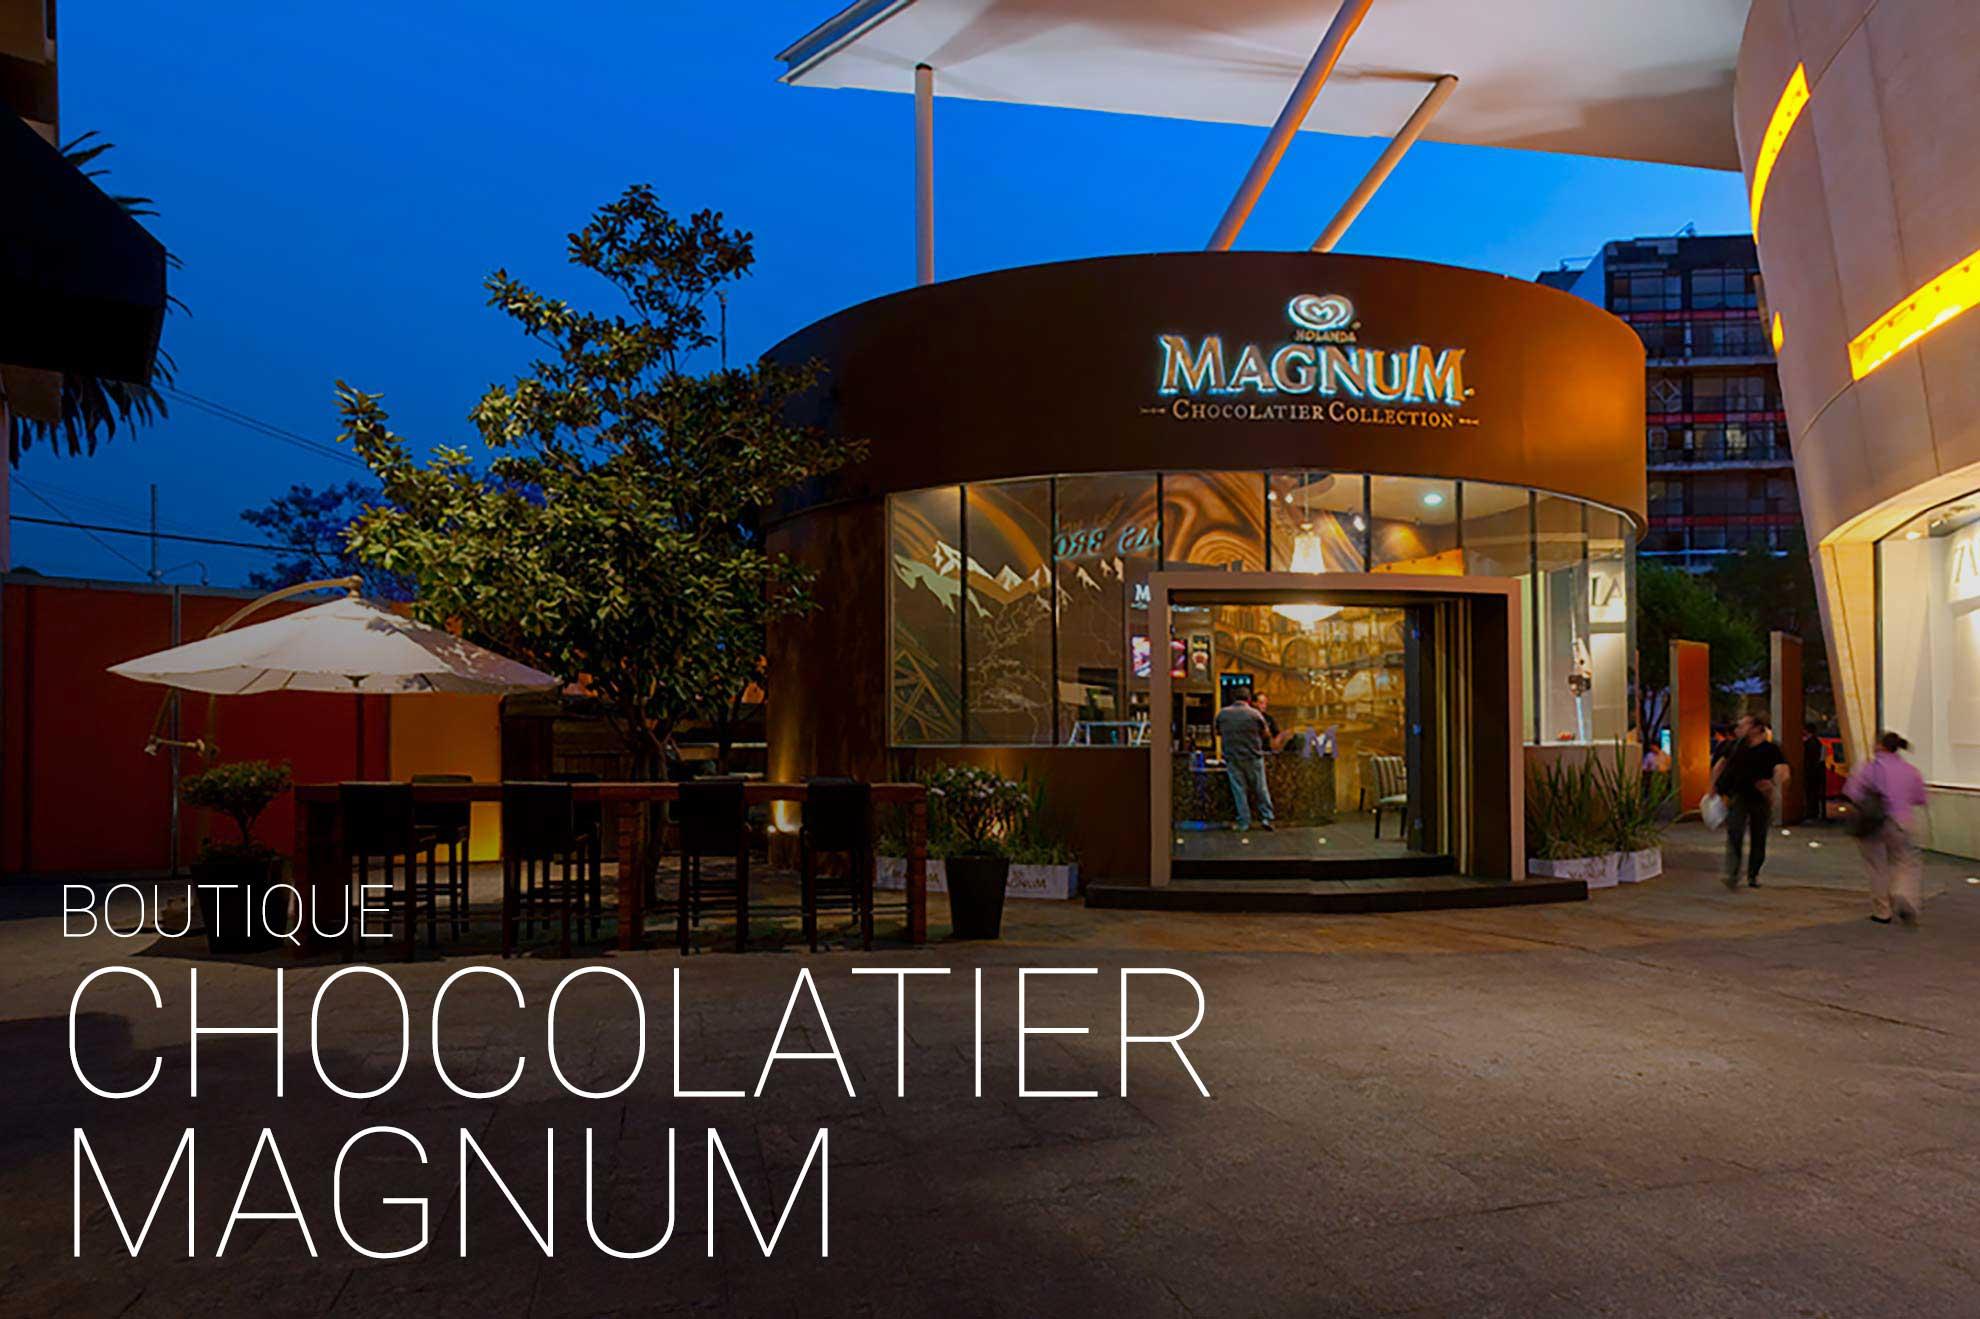 Heladería Boutique Magnum, creada y diseñada por Depa 102 ubicada en el centro comercial Antara Polanco